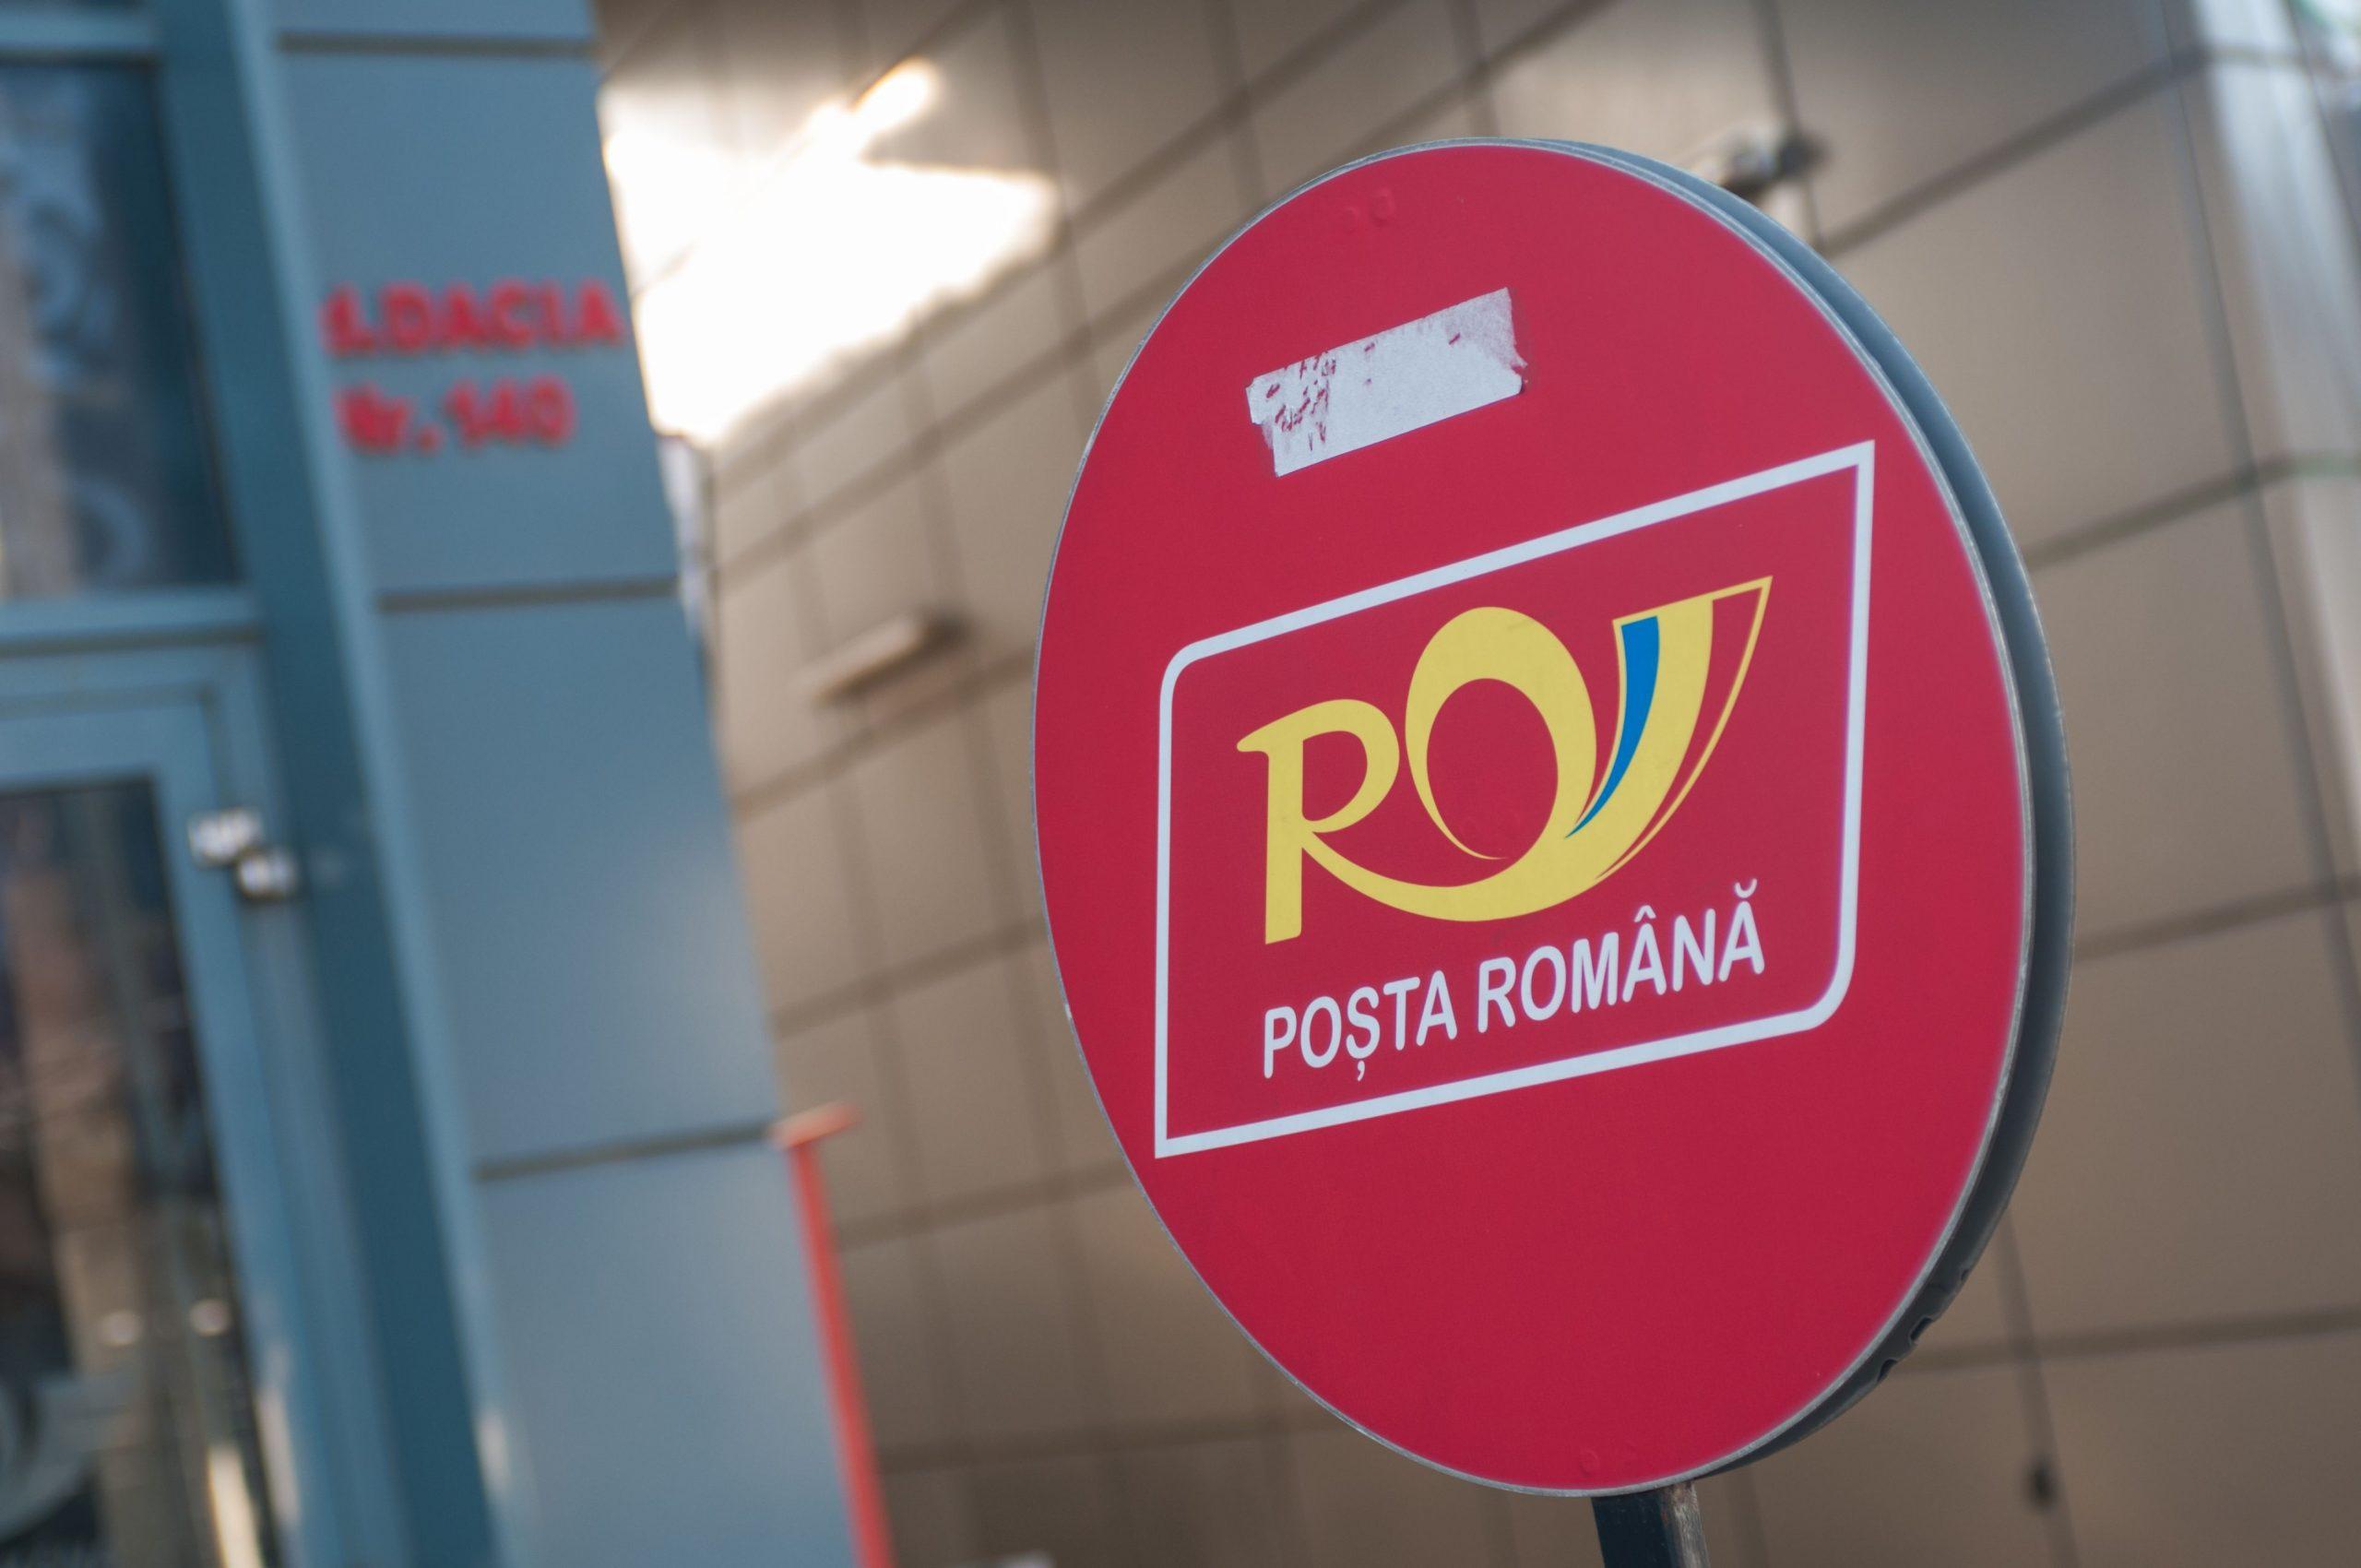 Poșta Română, avertisment pentru toți românii. Cum putem fi înșelați